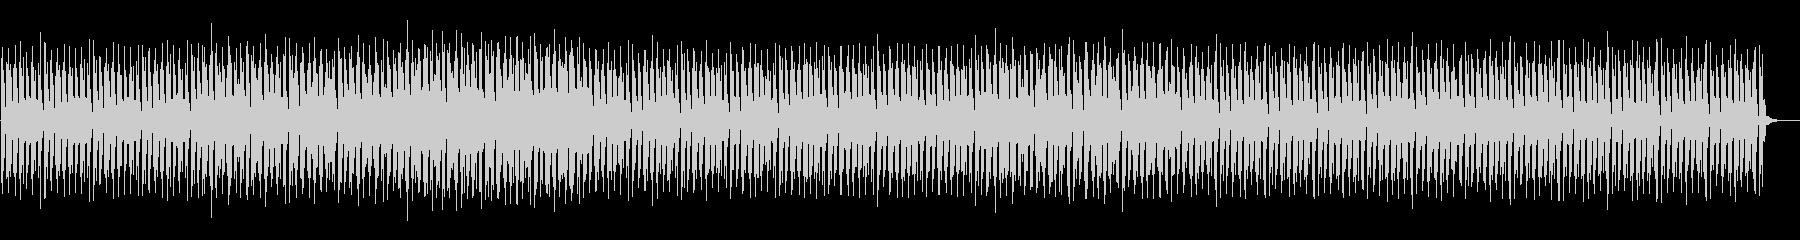 無機質なミニマルテクノ 5の未再生の波形